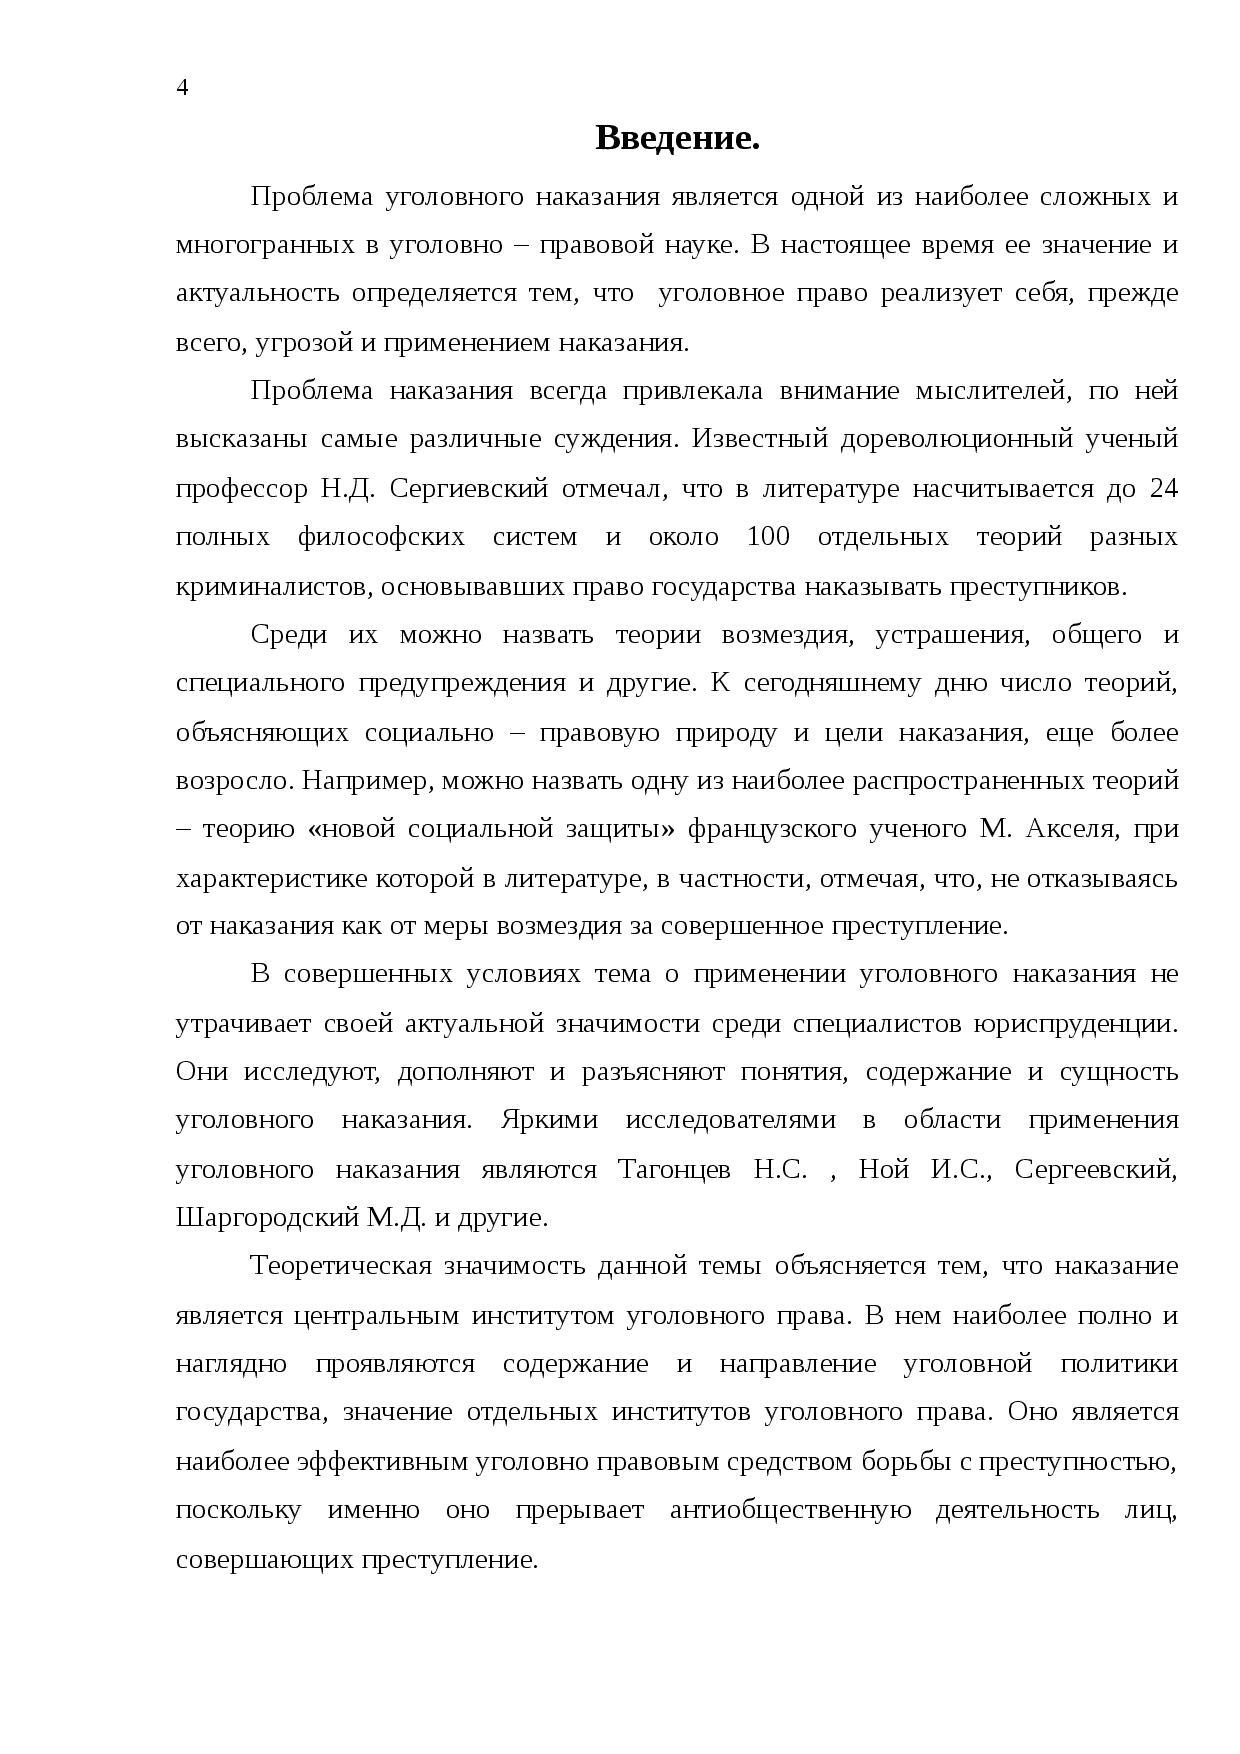 Понятие и содержание уголовного наказания, согласно уголовному праву